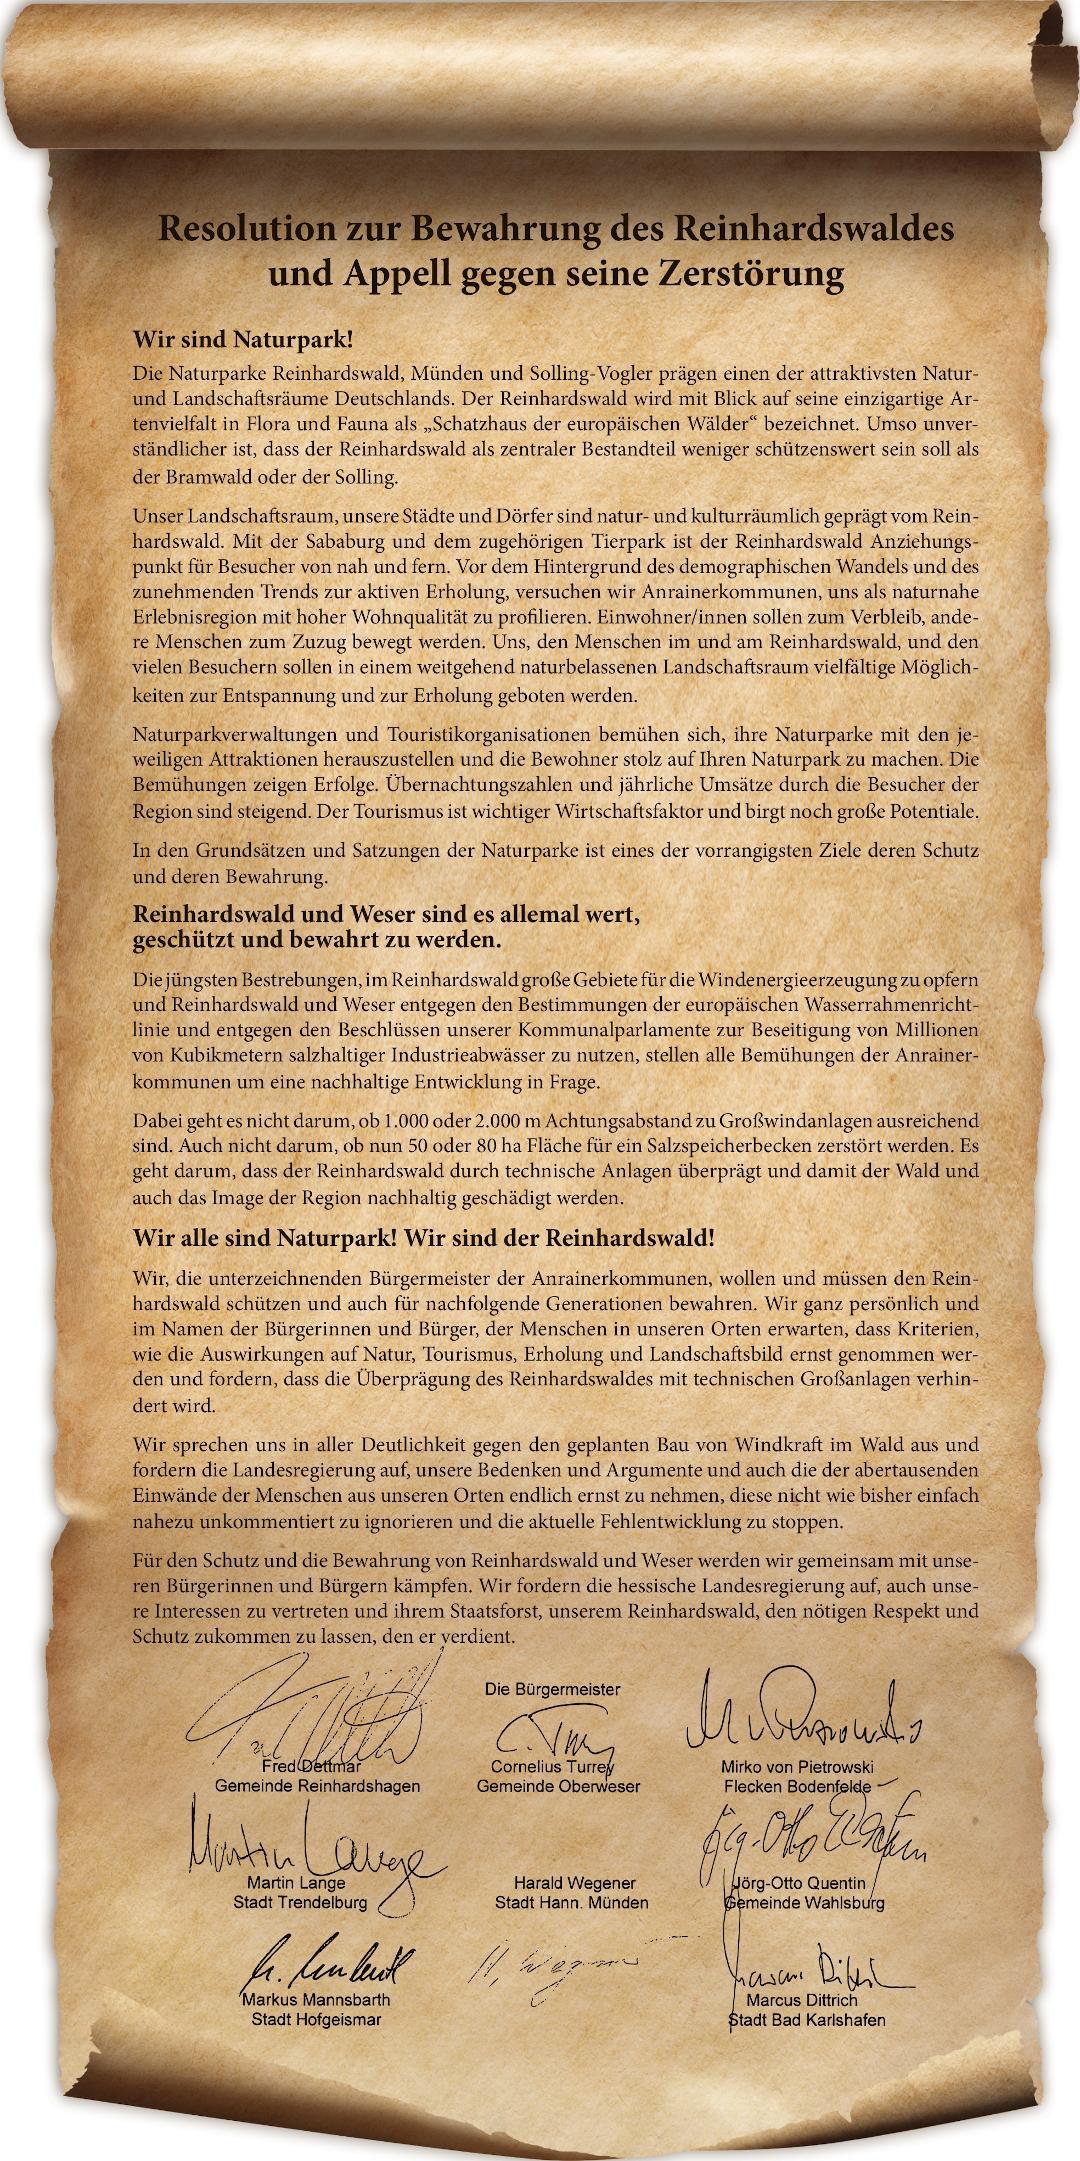 Resolution zur Bewahrung des Reinhardswaldes und Appell gegen seine Zerstörung